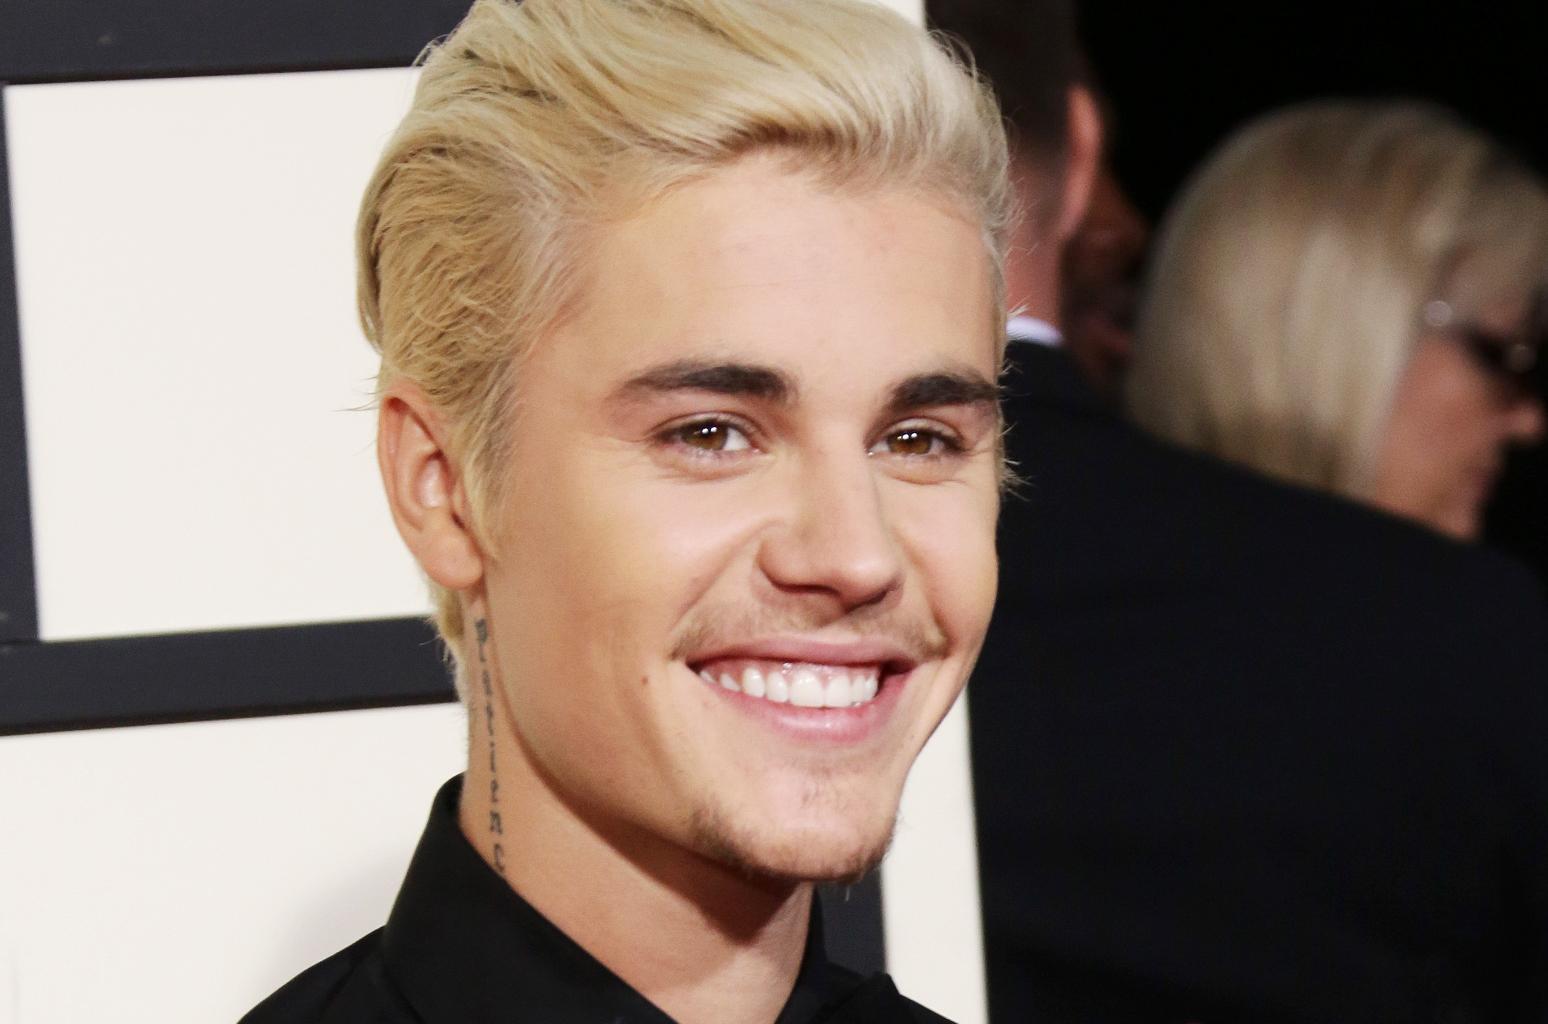 Justin Bieber se converte, ministra louvor em culto e diz que está em pior momento de sua vida